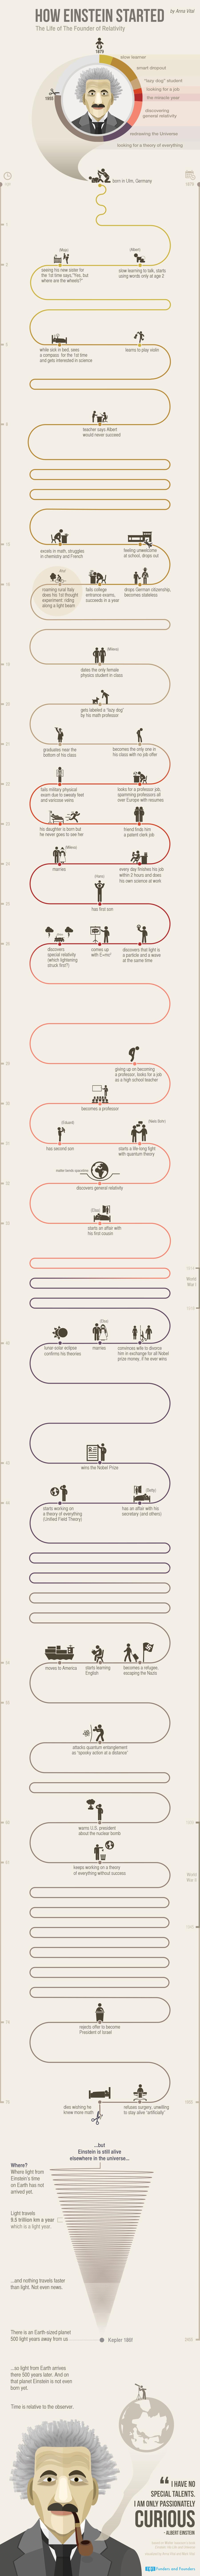 how-einstein-started-infographic